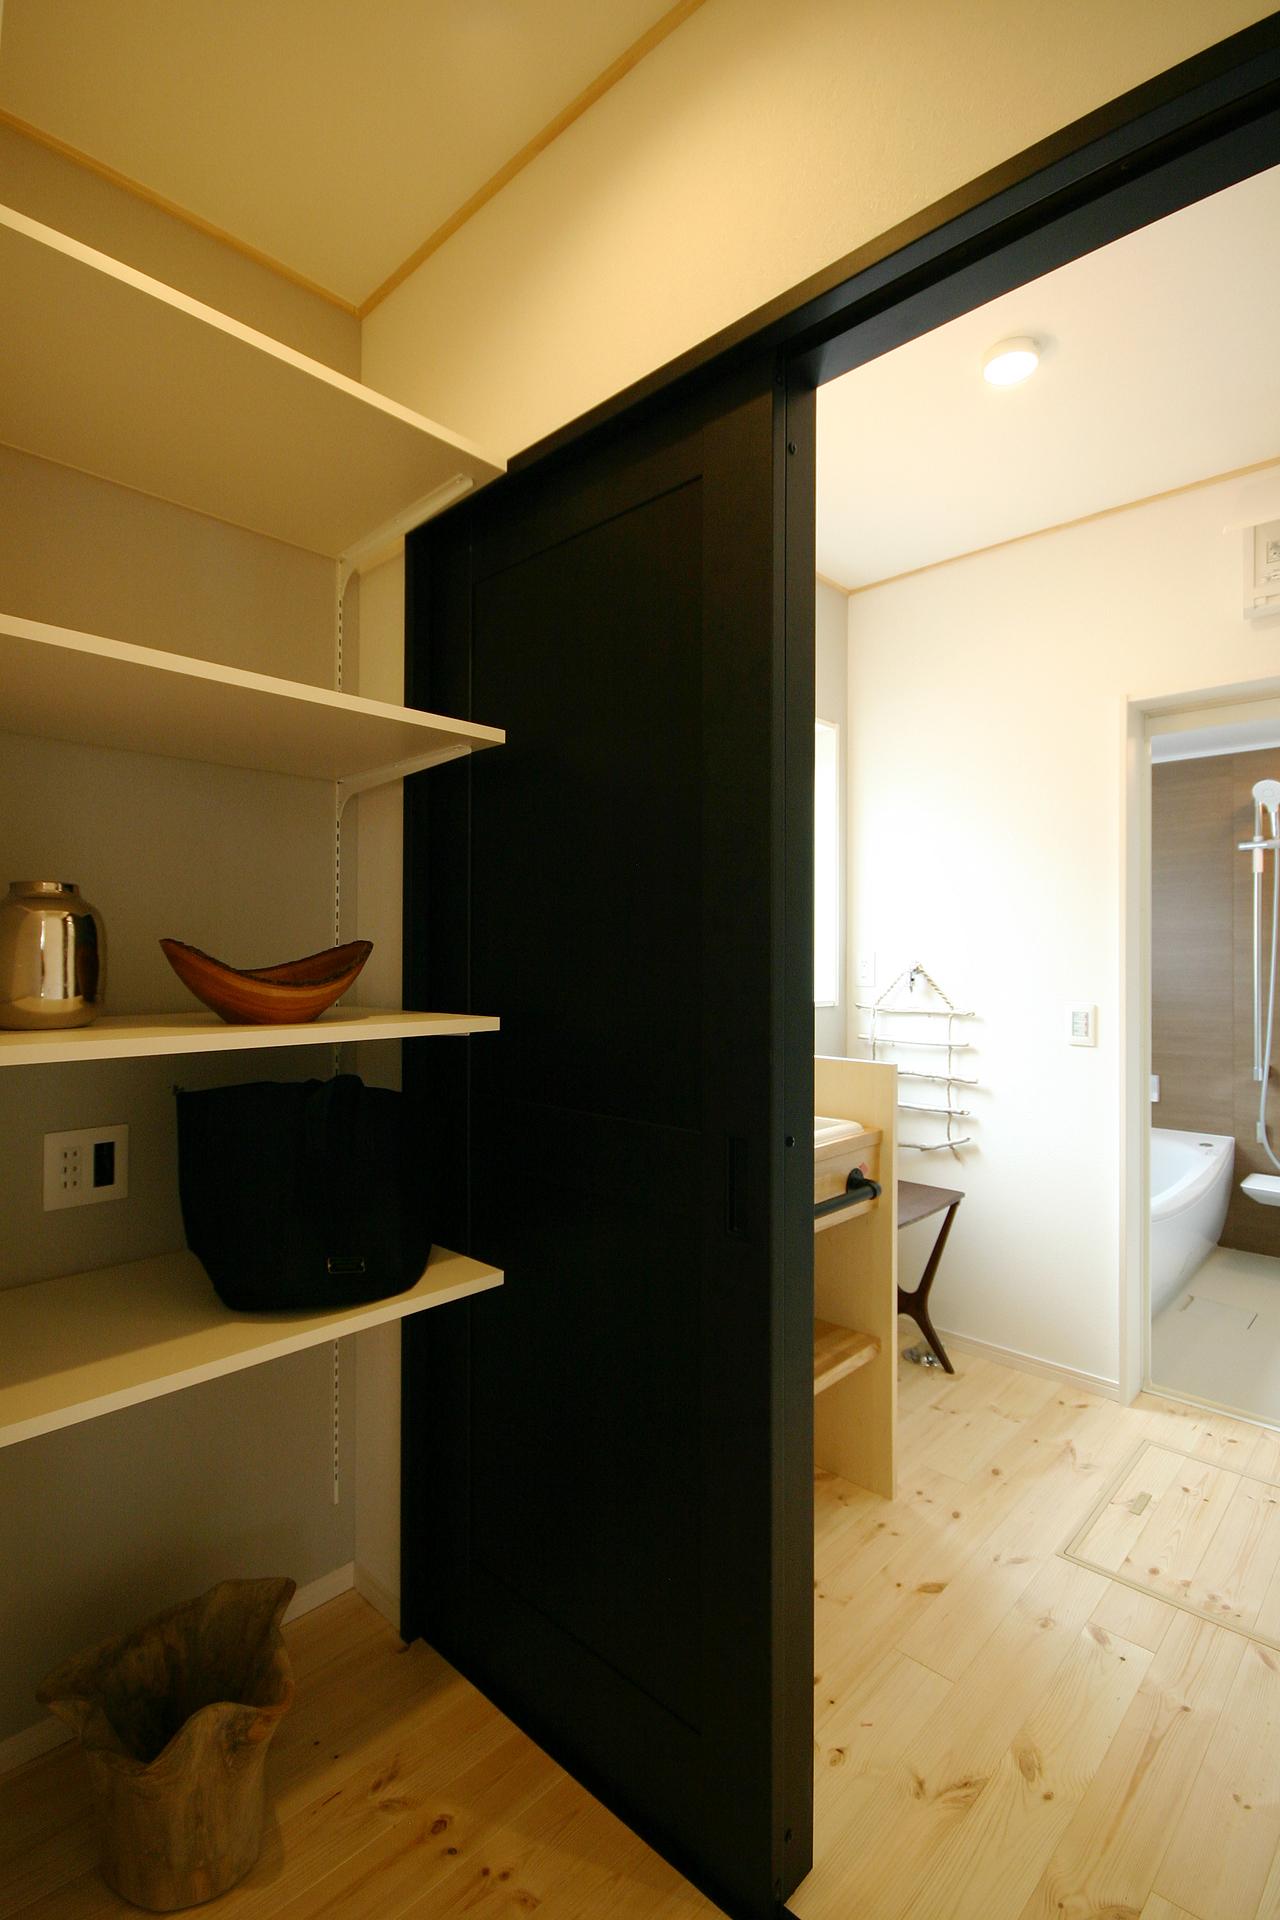 【予約制】スキップフロアの家 新モデルハウス オープン見楽会 宇都宮市|注文住宅 B-CRAFT